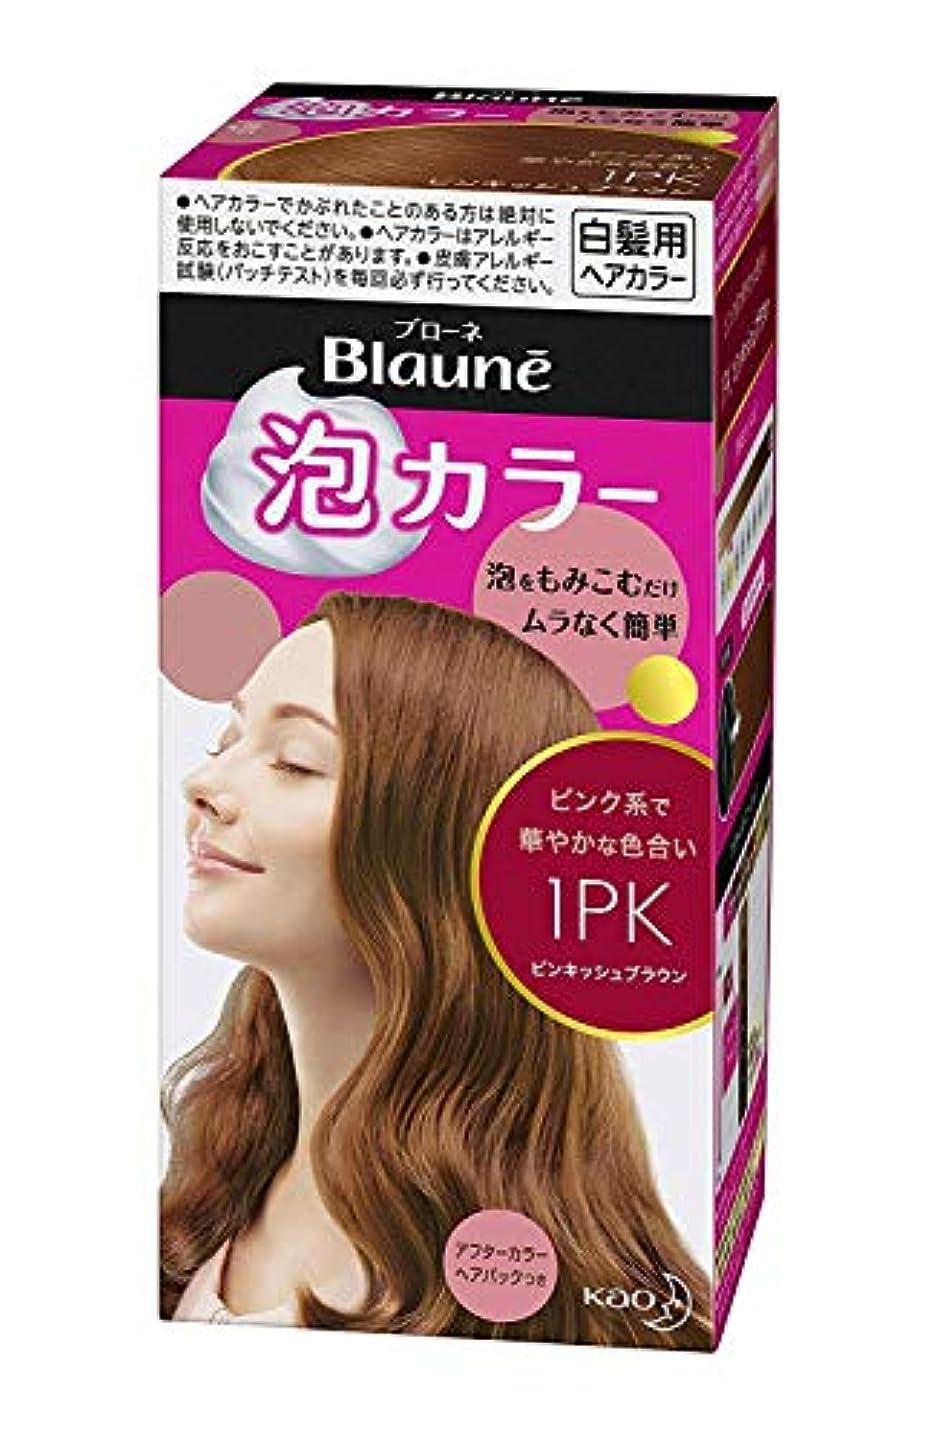 ファッション懐疑論学校【花王】ブローネ泡カラー 1PK ピンキッシュブラウン 108ml ×10個セット